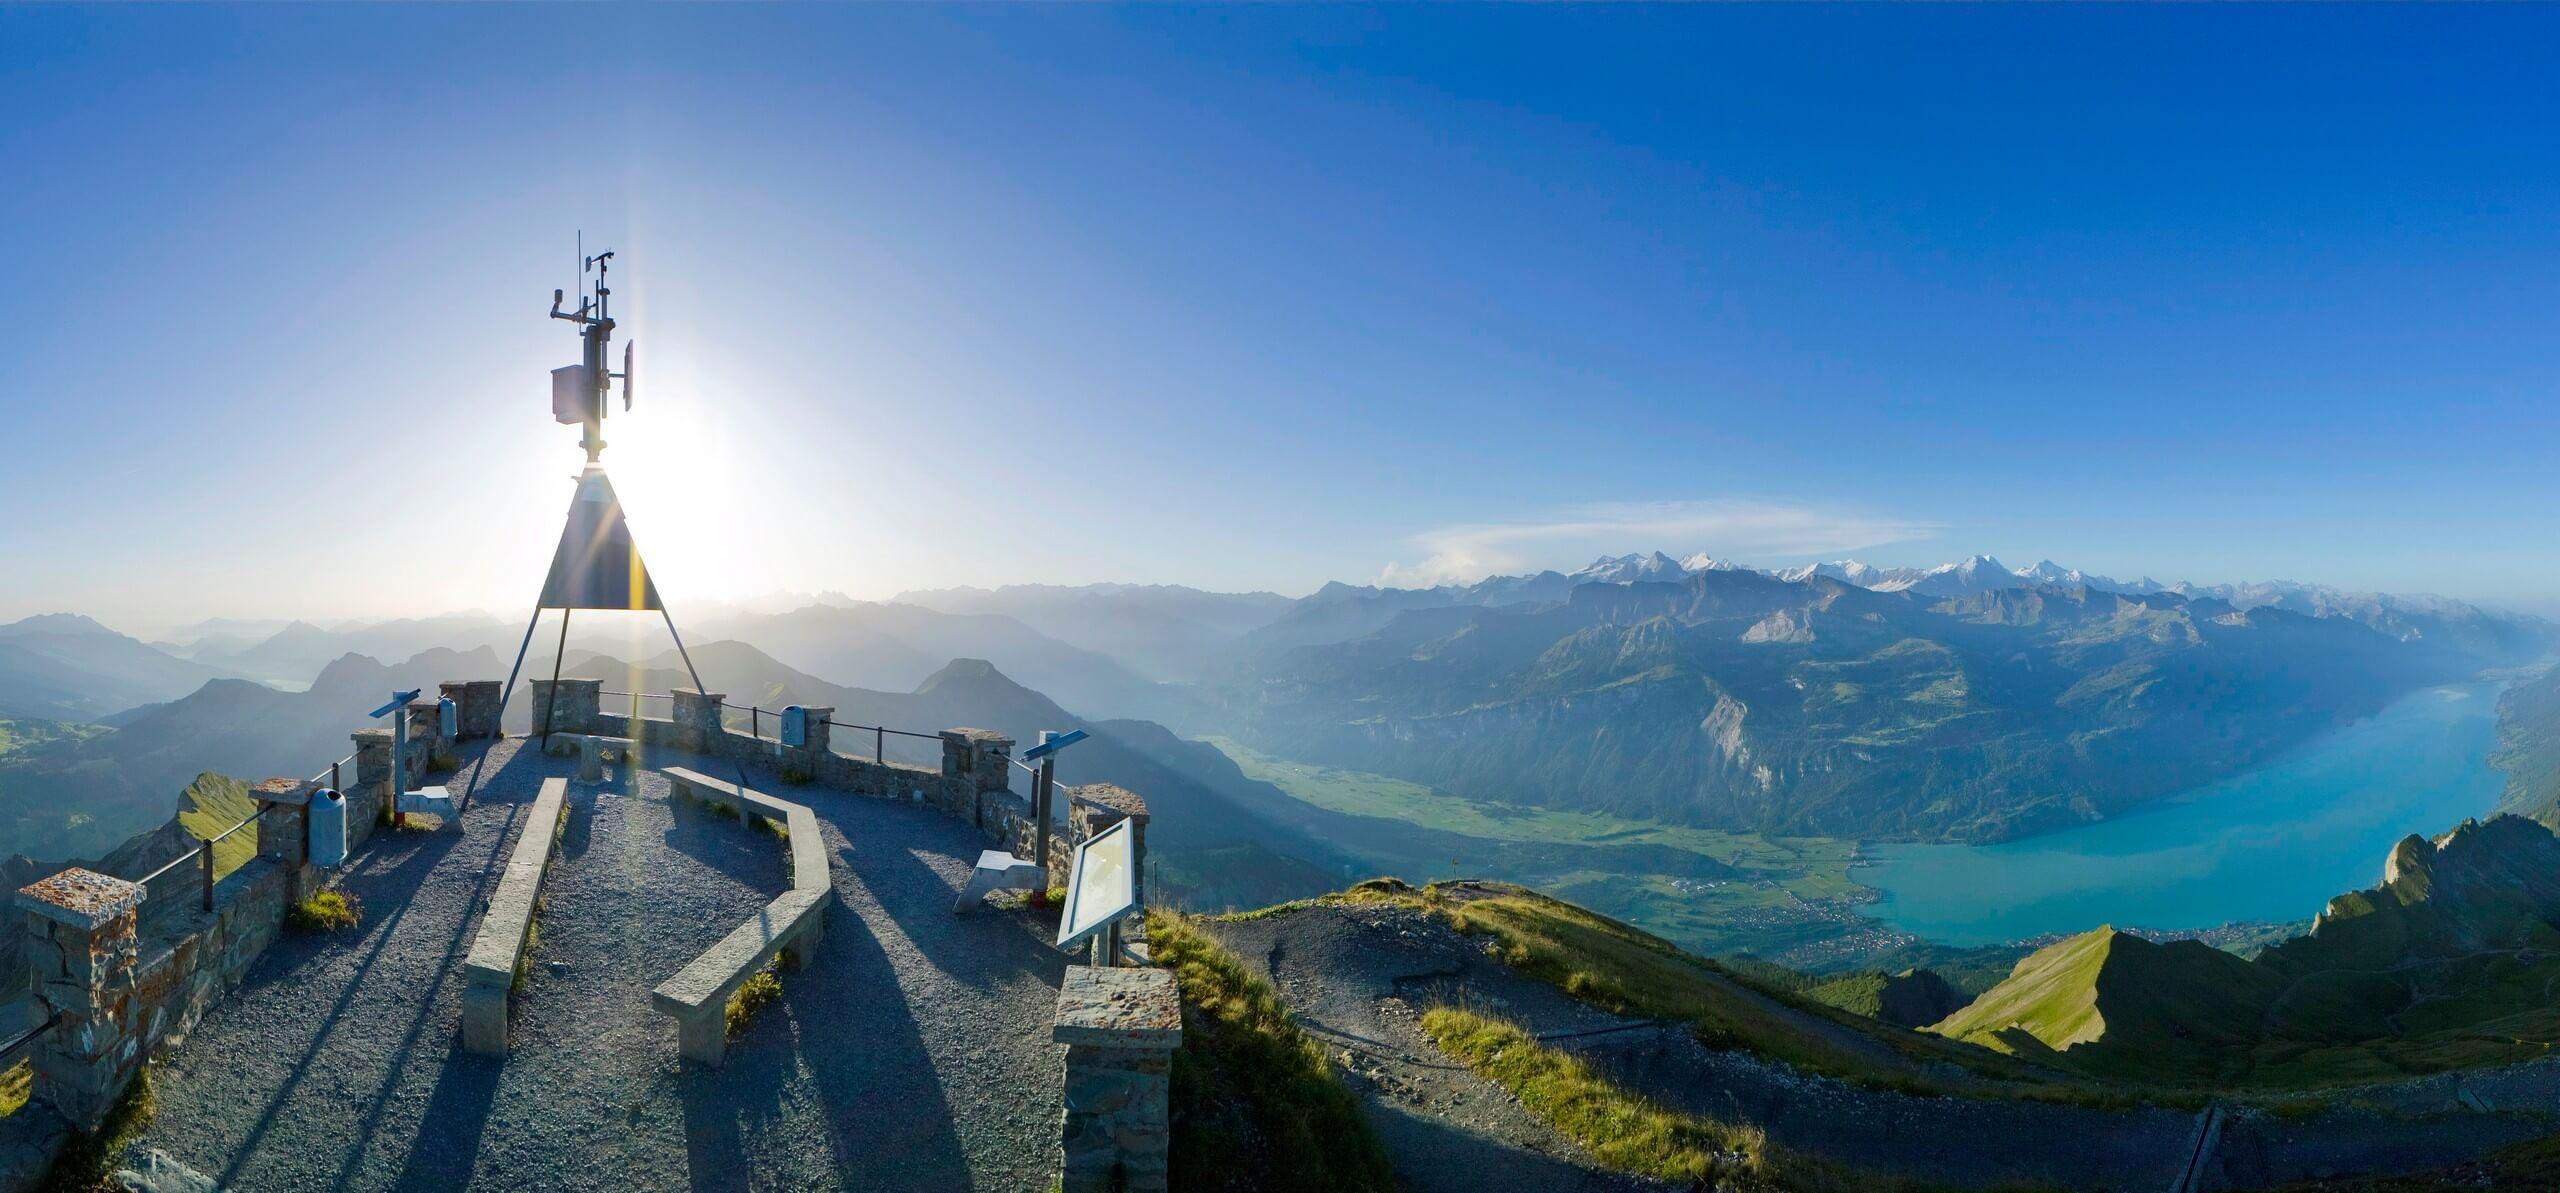 brienzer-rothorn-kulm-sommer-aussicht-plattform-panorama-brienzersee